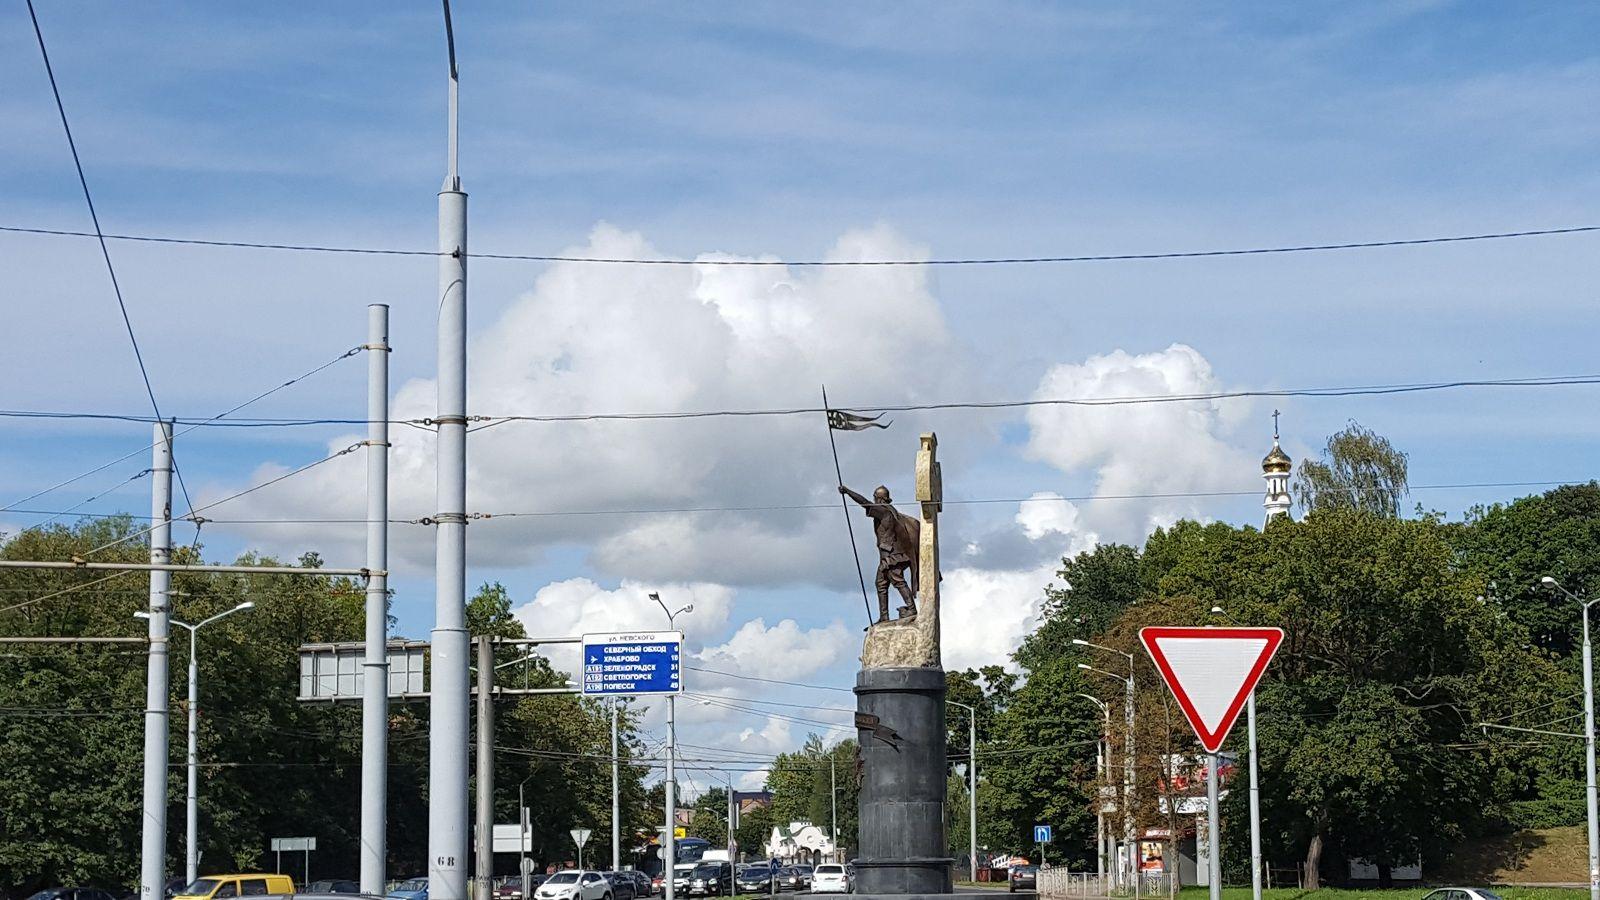 Как я провела свой день рождение, я покажу вам летний Калининград, фото 64